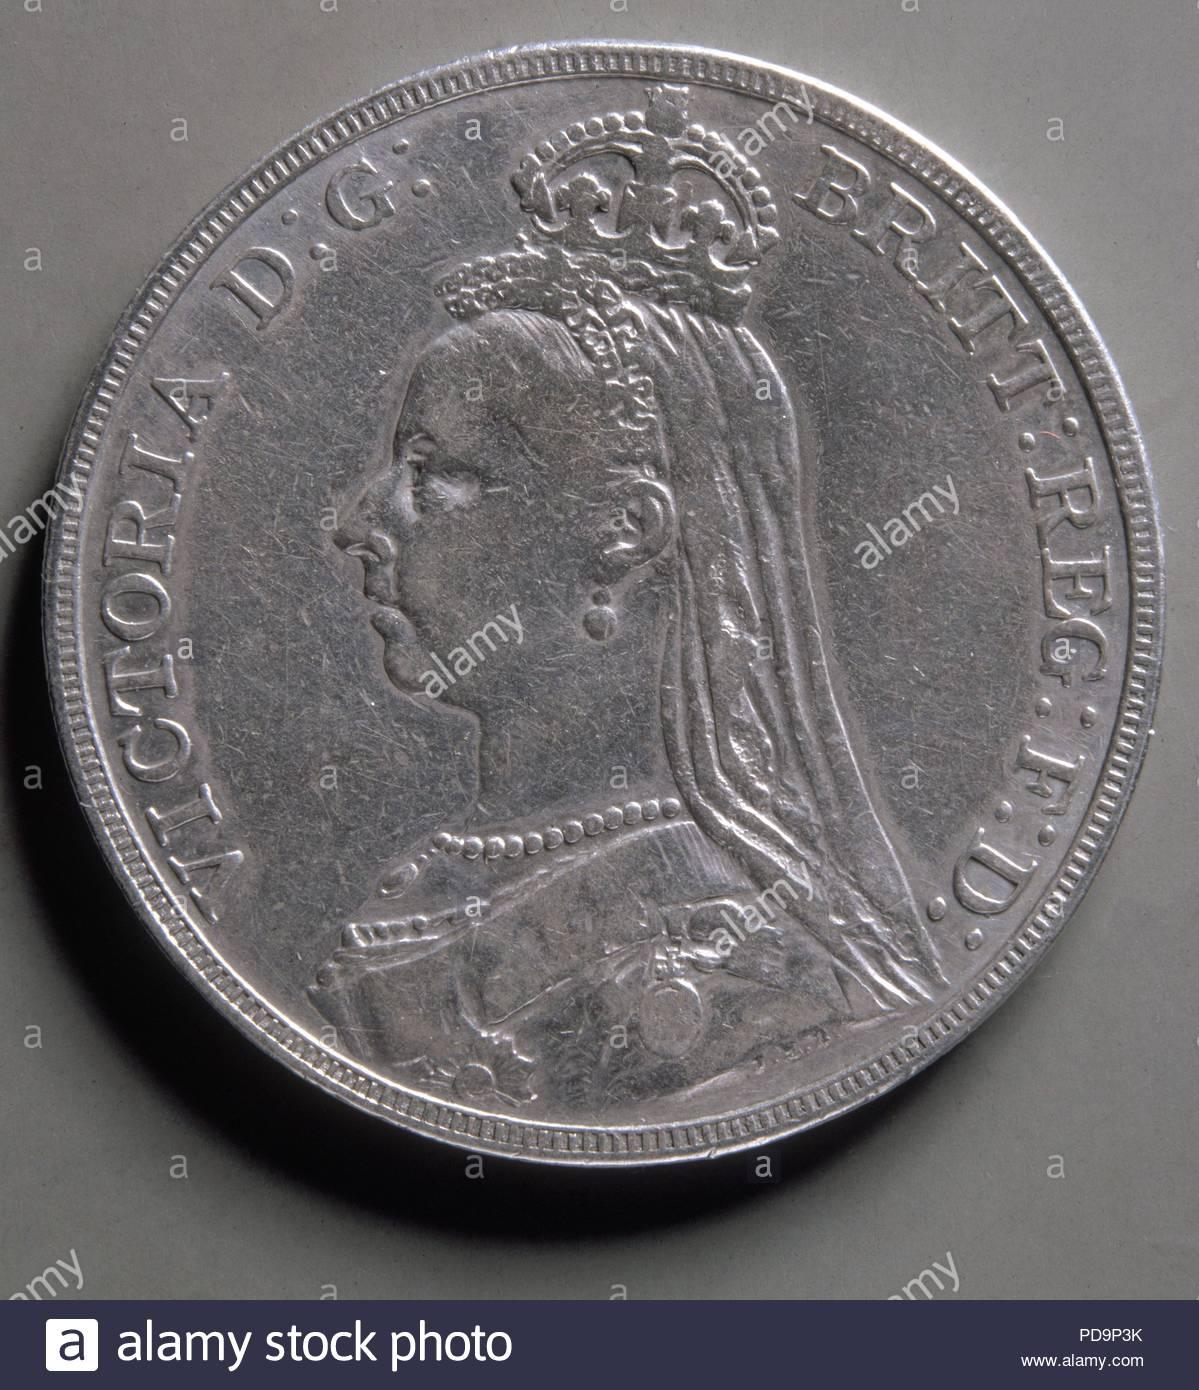 fe9efe00af04 MONEDA-LIBRA CORONA DE PLATA-1889-ANVERSO(ROSTRO VICTORIA MI INGLATERRA)35  mm. Posizione  Collezione privata